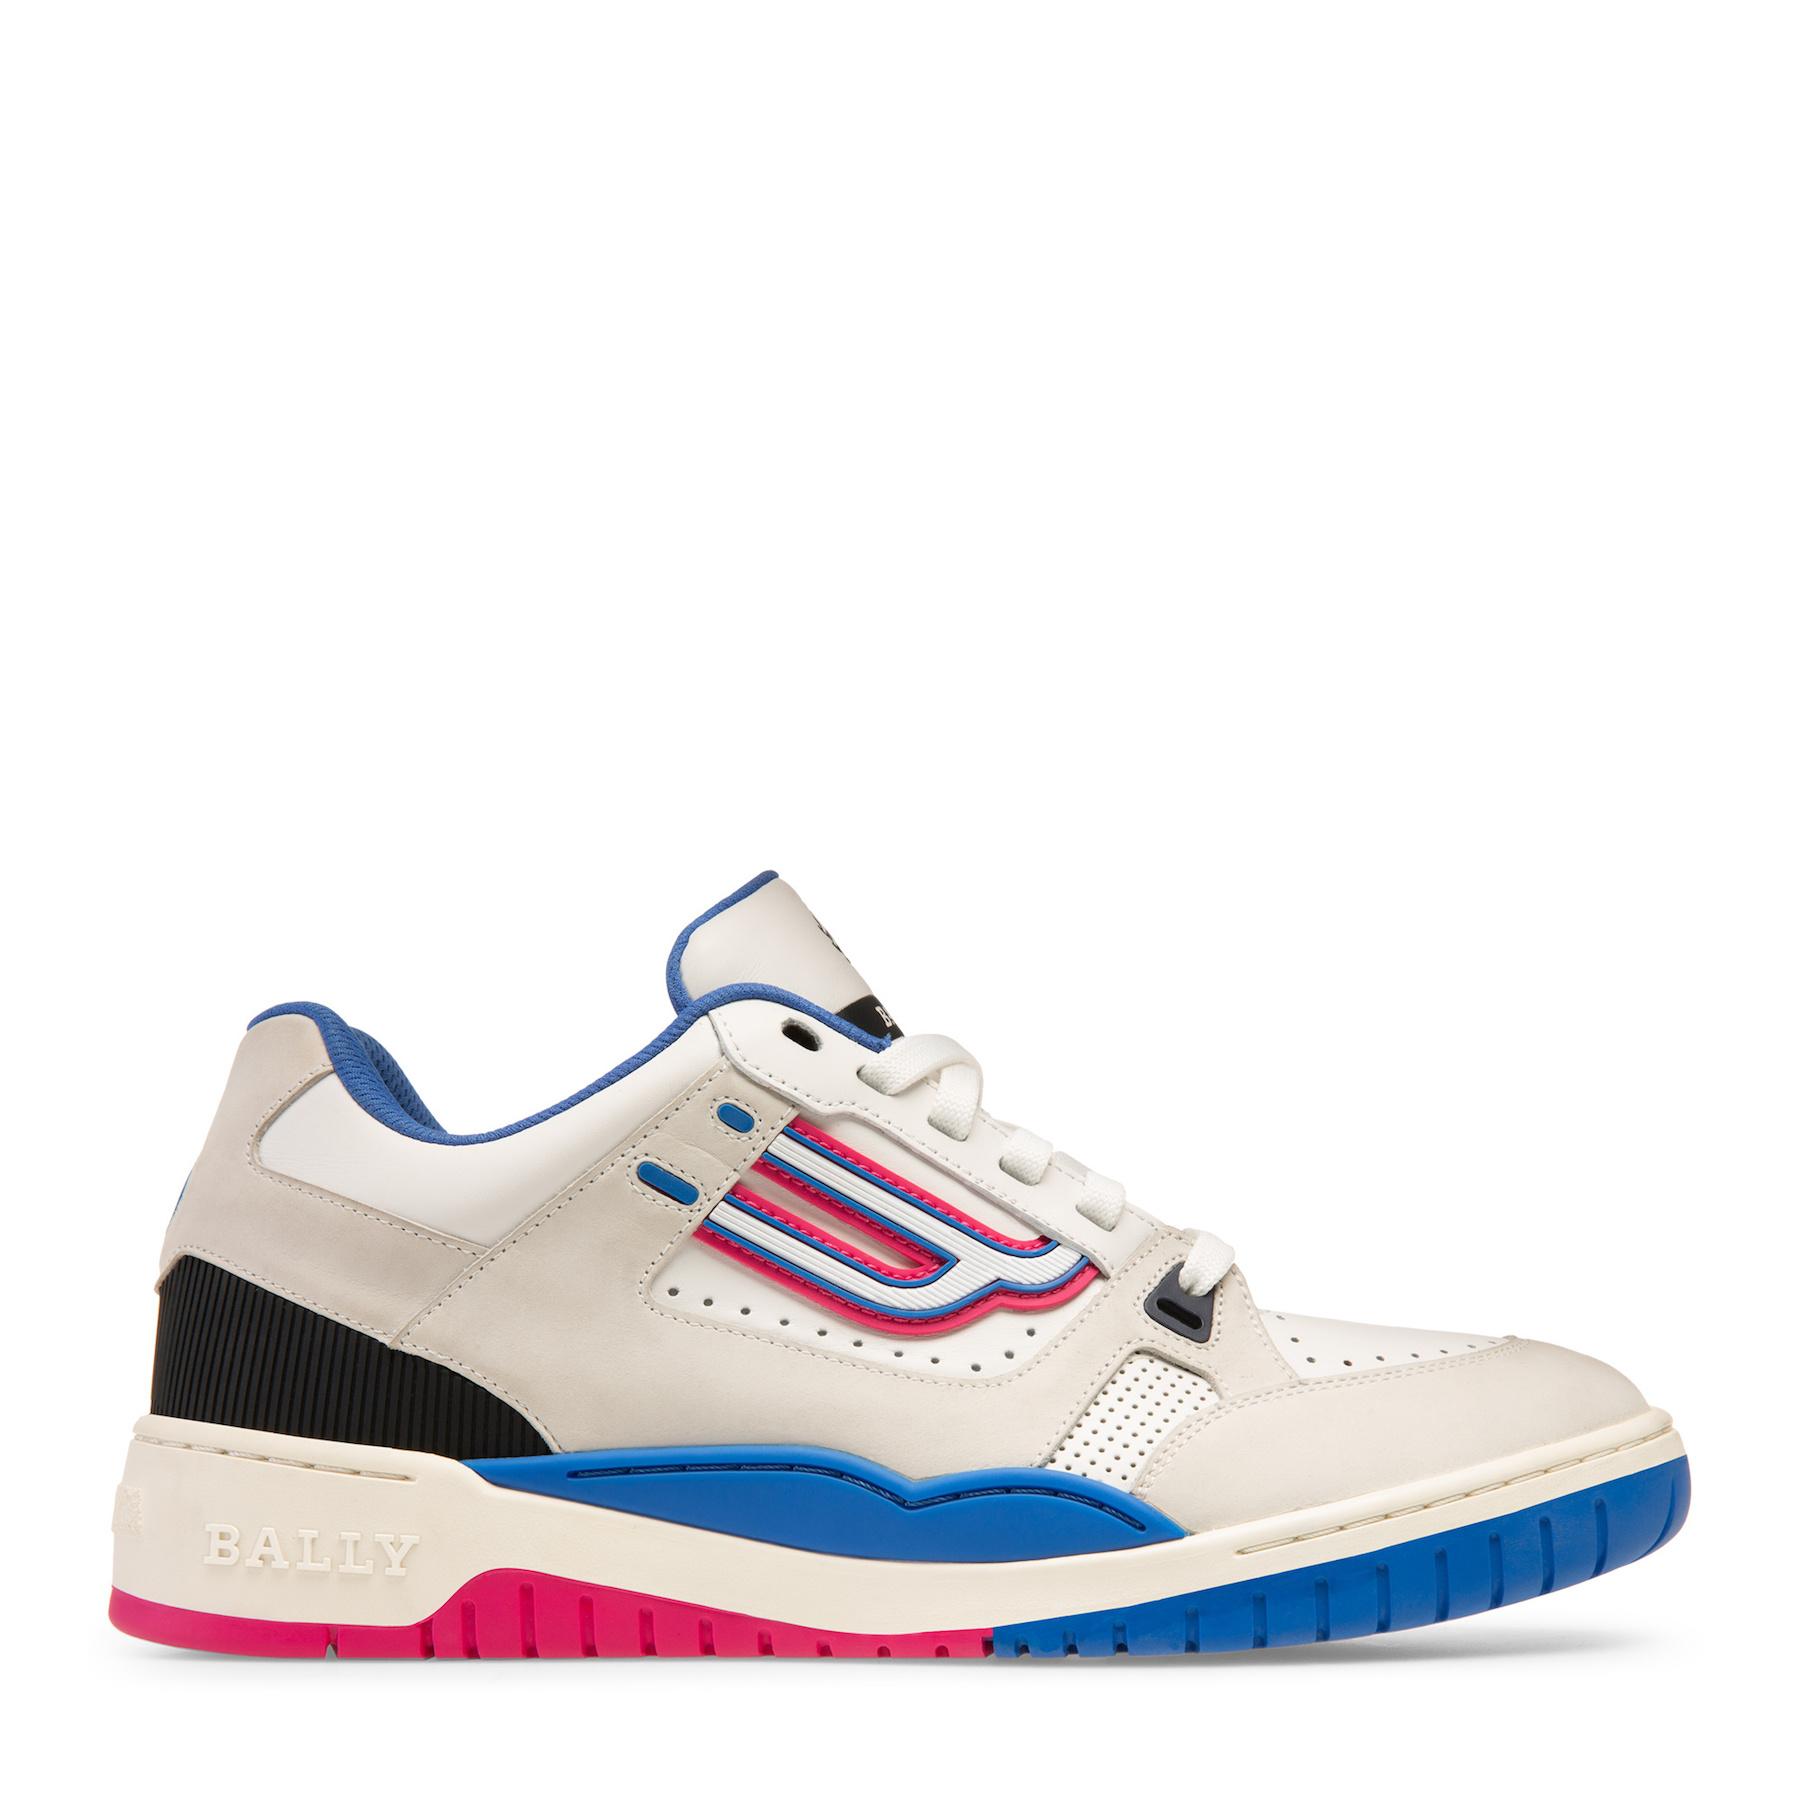 Bally SS19 Champion Sneaker_Unisex_Online.jpg